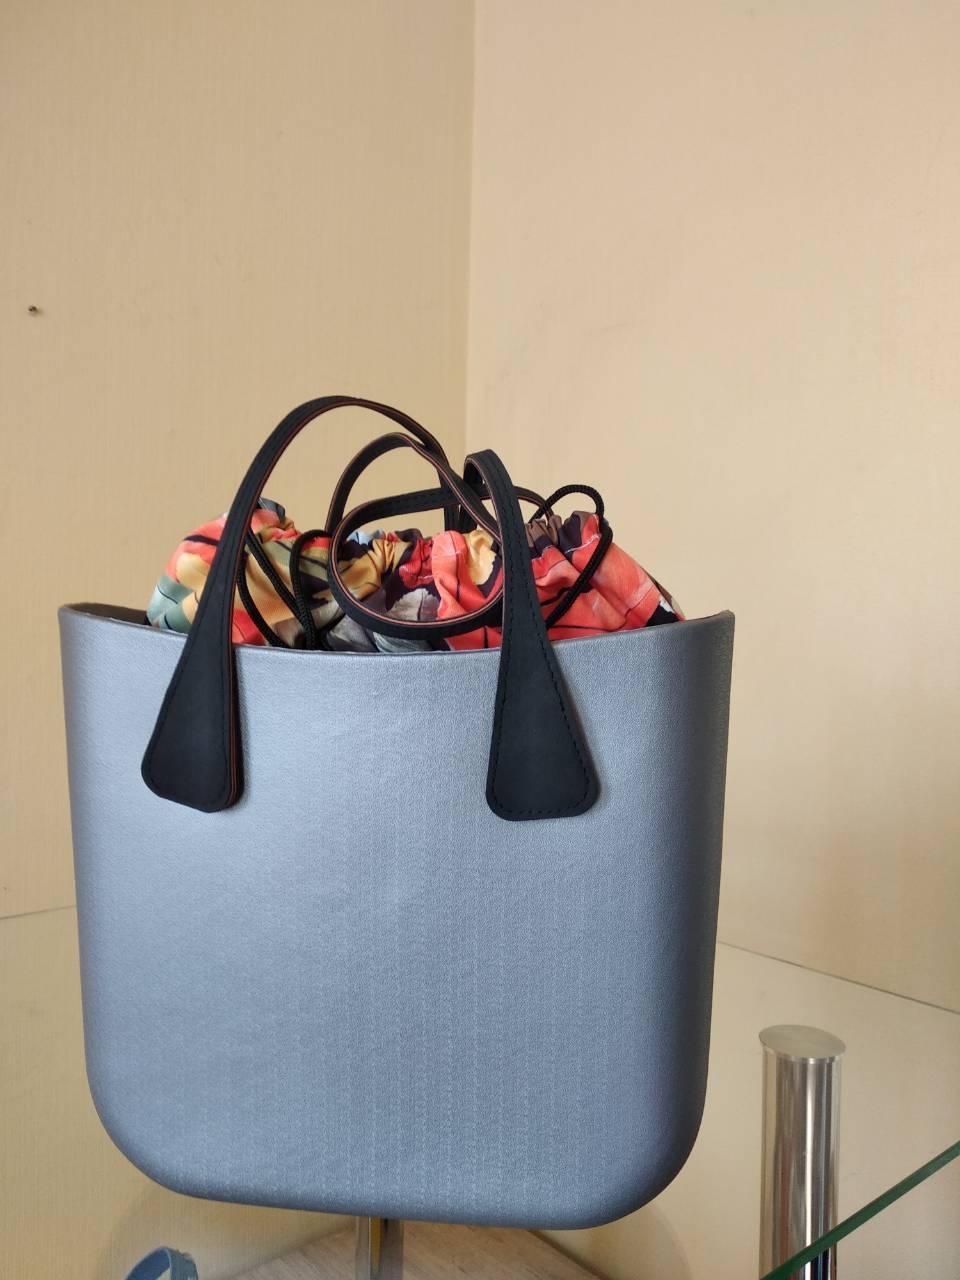 d68ceedc3dd0 Сумка IQ bag Mini серый, цена 990 грн., купить в Днепре — Prom.ua  (ID#944013036)